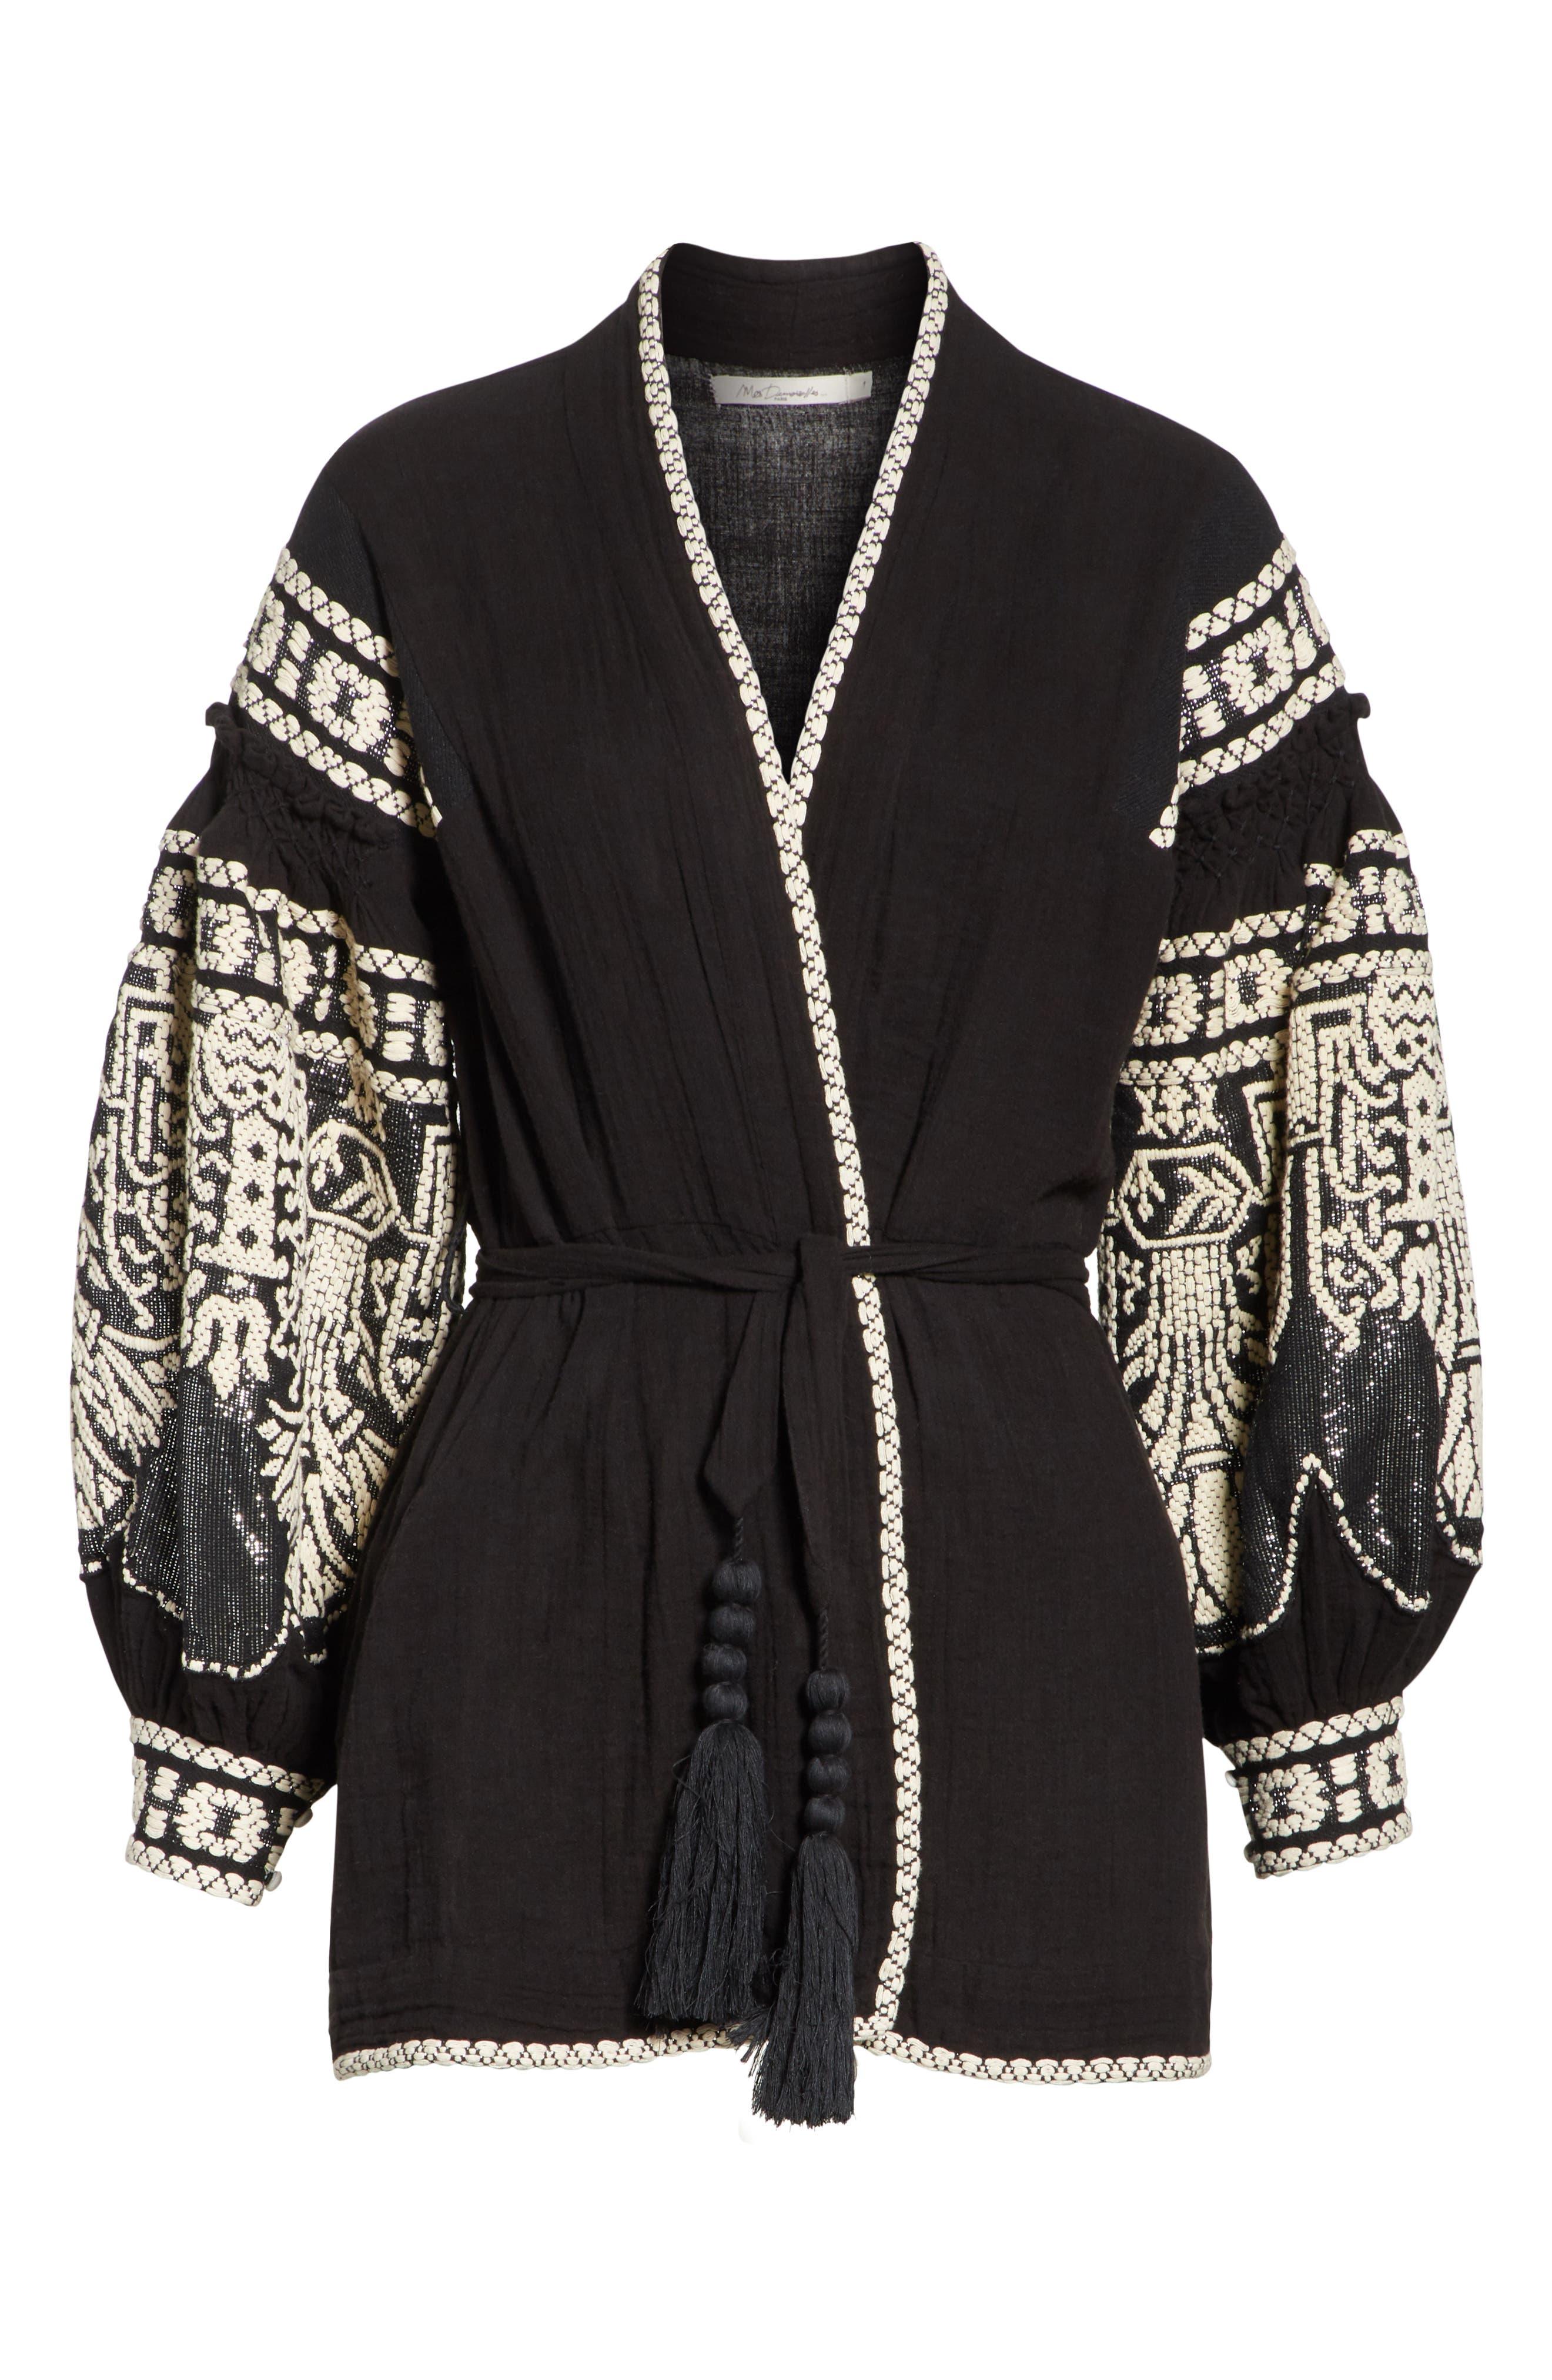 Petrushka Embroidered Jacket,                             Alternate thumbnail 6, color,                             BLACK